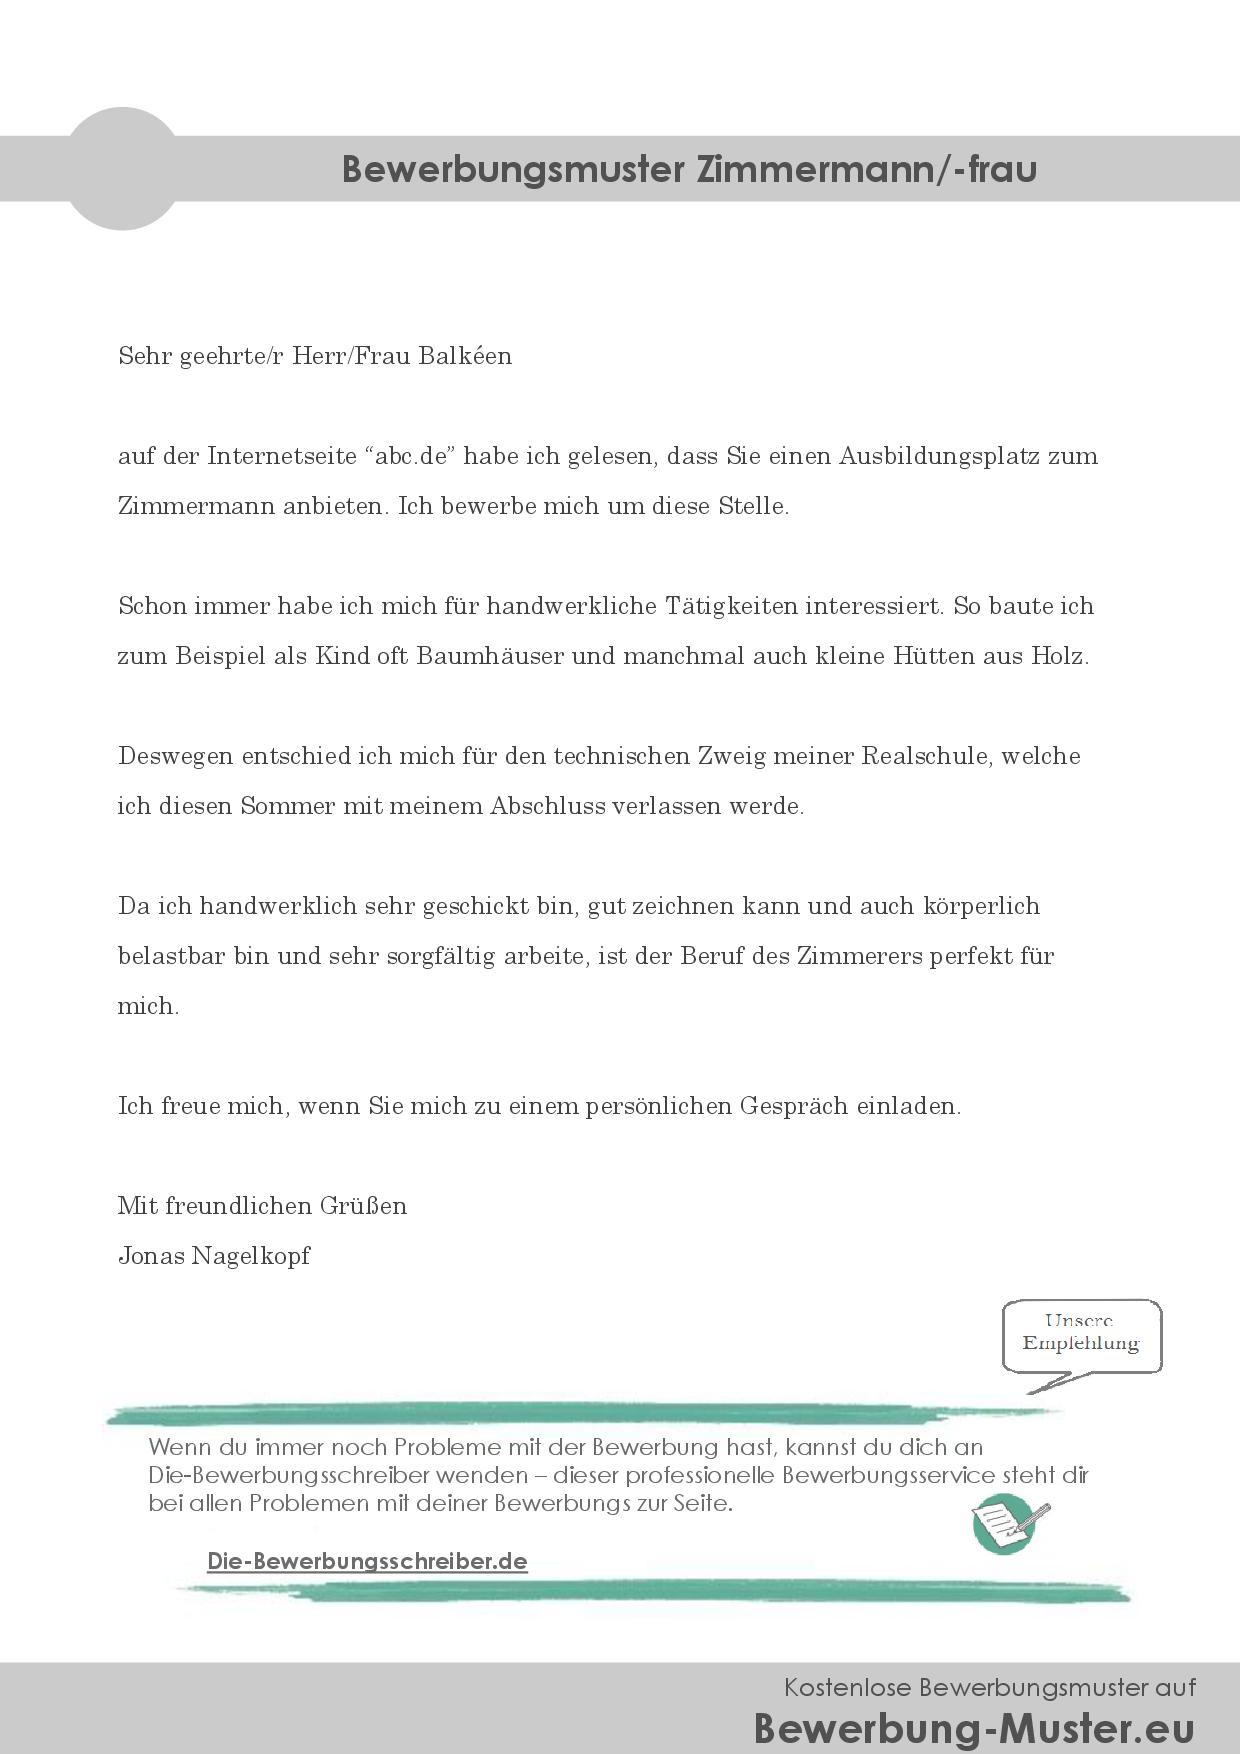 Bewerbungsmuster Zimmermann/-frau